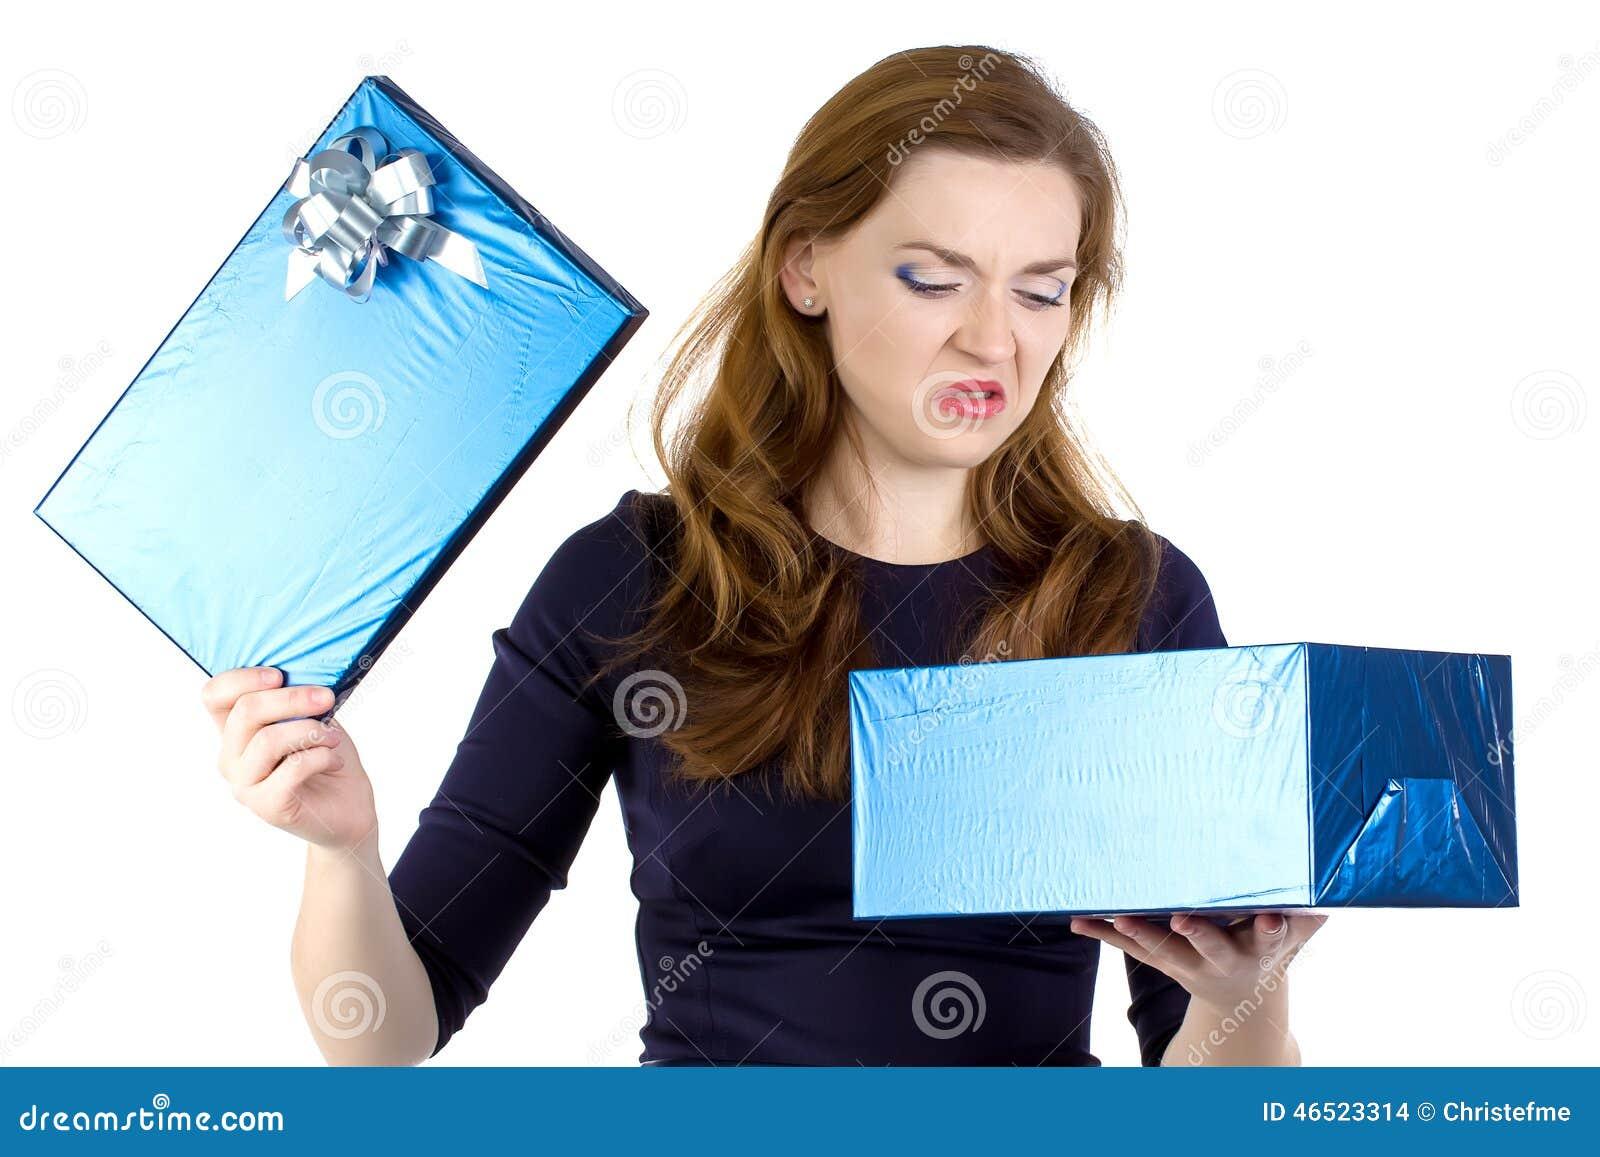 Fotoet av den misslynta kvinnan mottog gåvan